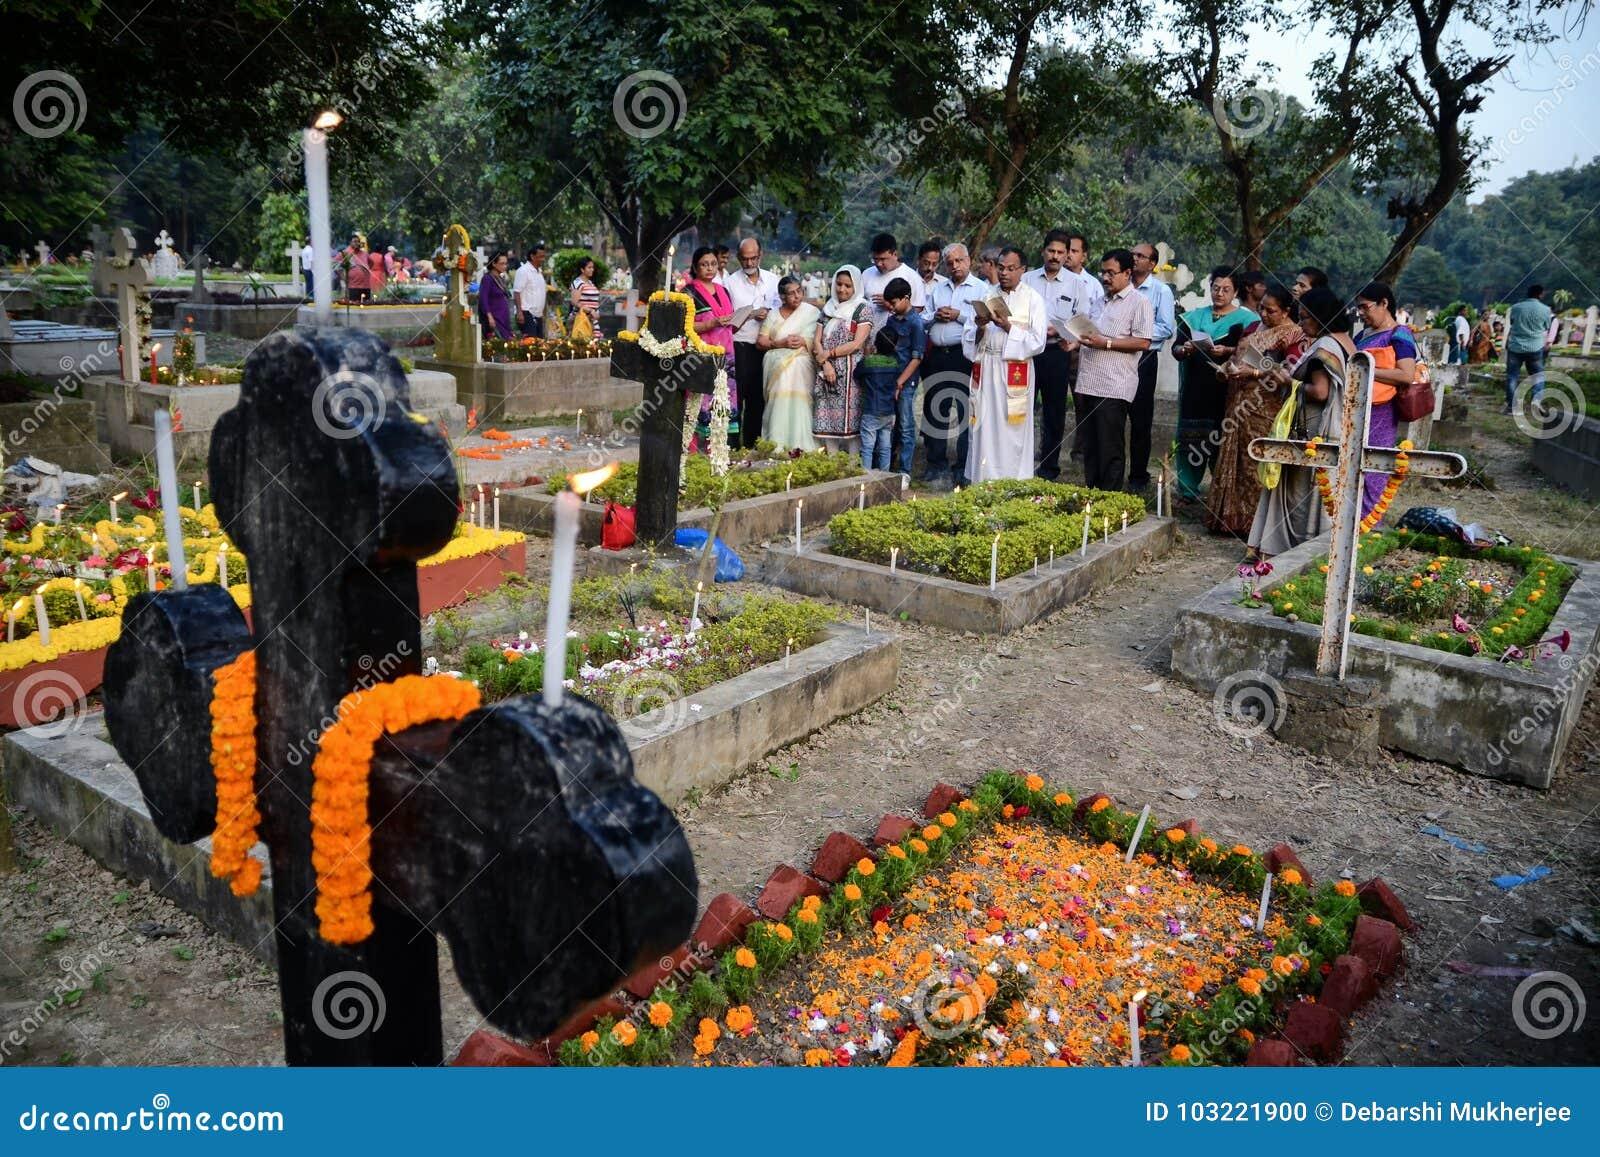 De mensen verzamelen zich om Al Zielendag in Kolkata te vieren